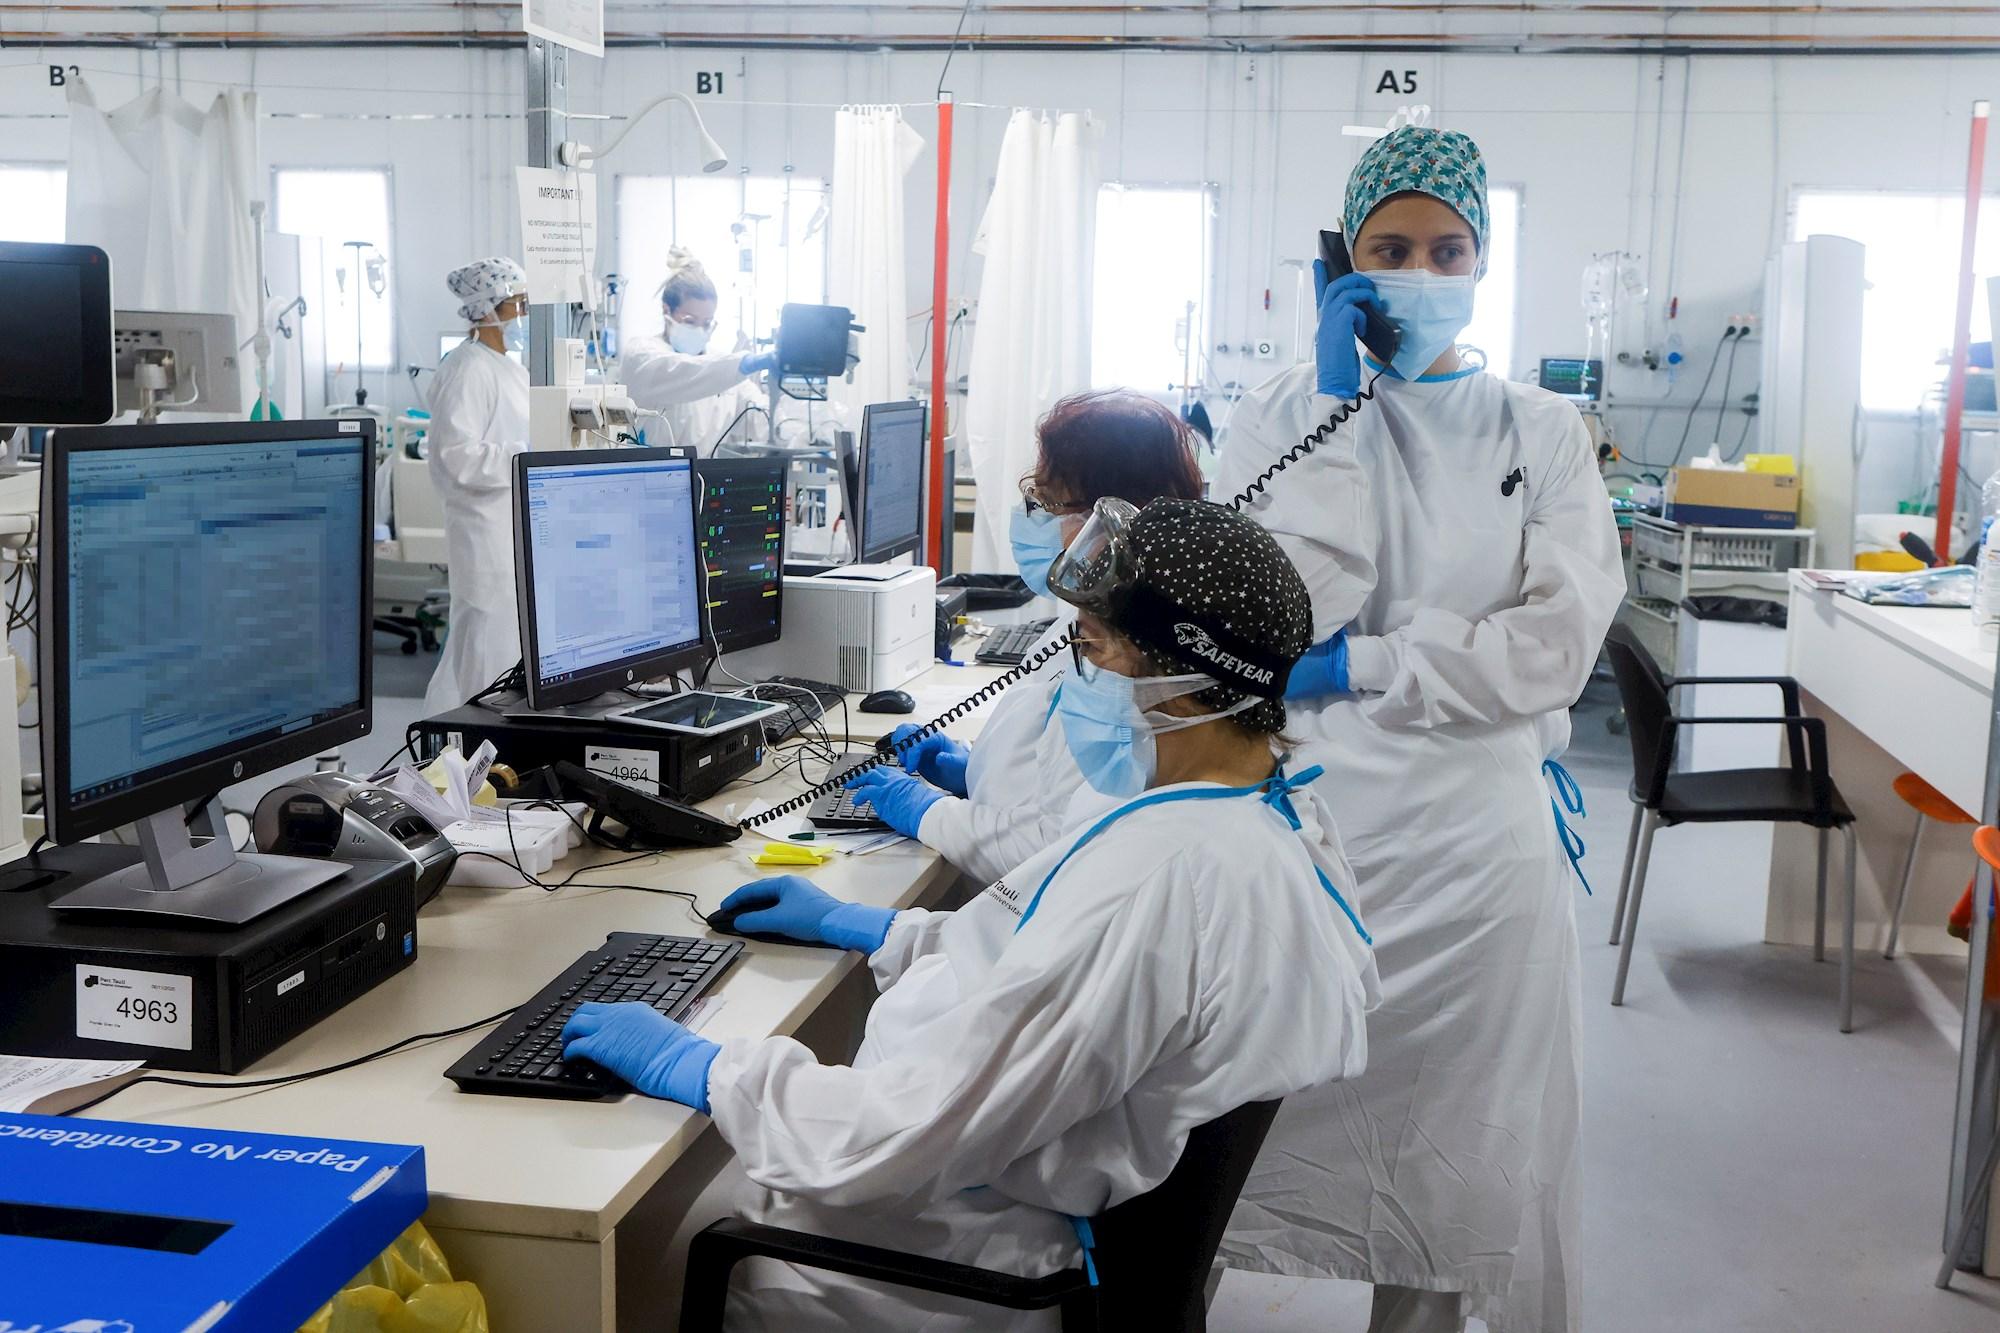 Cataluña registra un nuevo repunte de ingresos por coronavirus. Personal sanitario del Hospital Parc Taulí de Sabadell (Barcelona) en la UCI para enfermos de COVID-19. EFE/Quique Garcia/Archivo